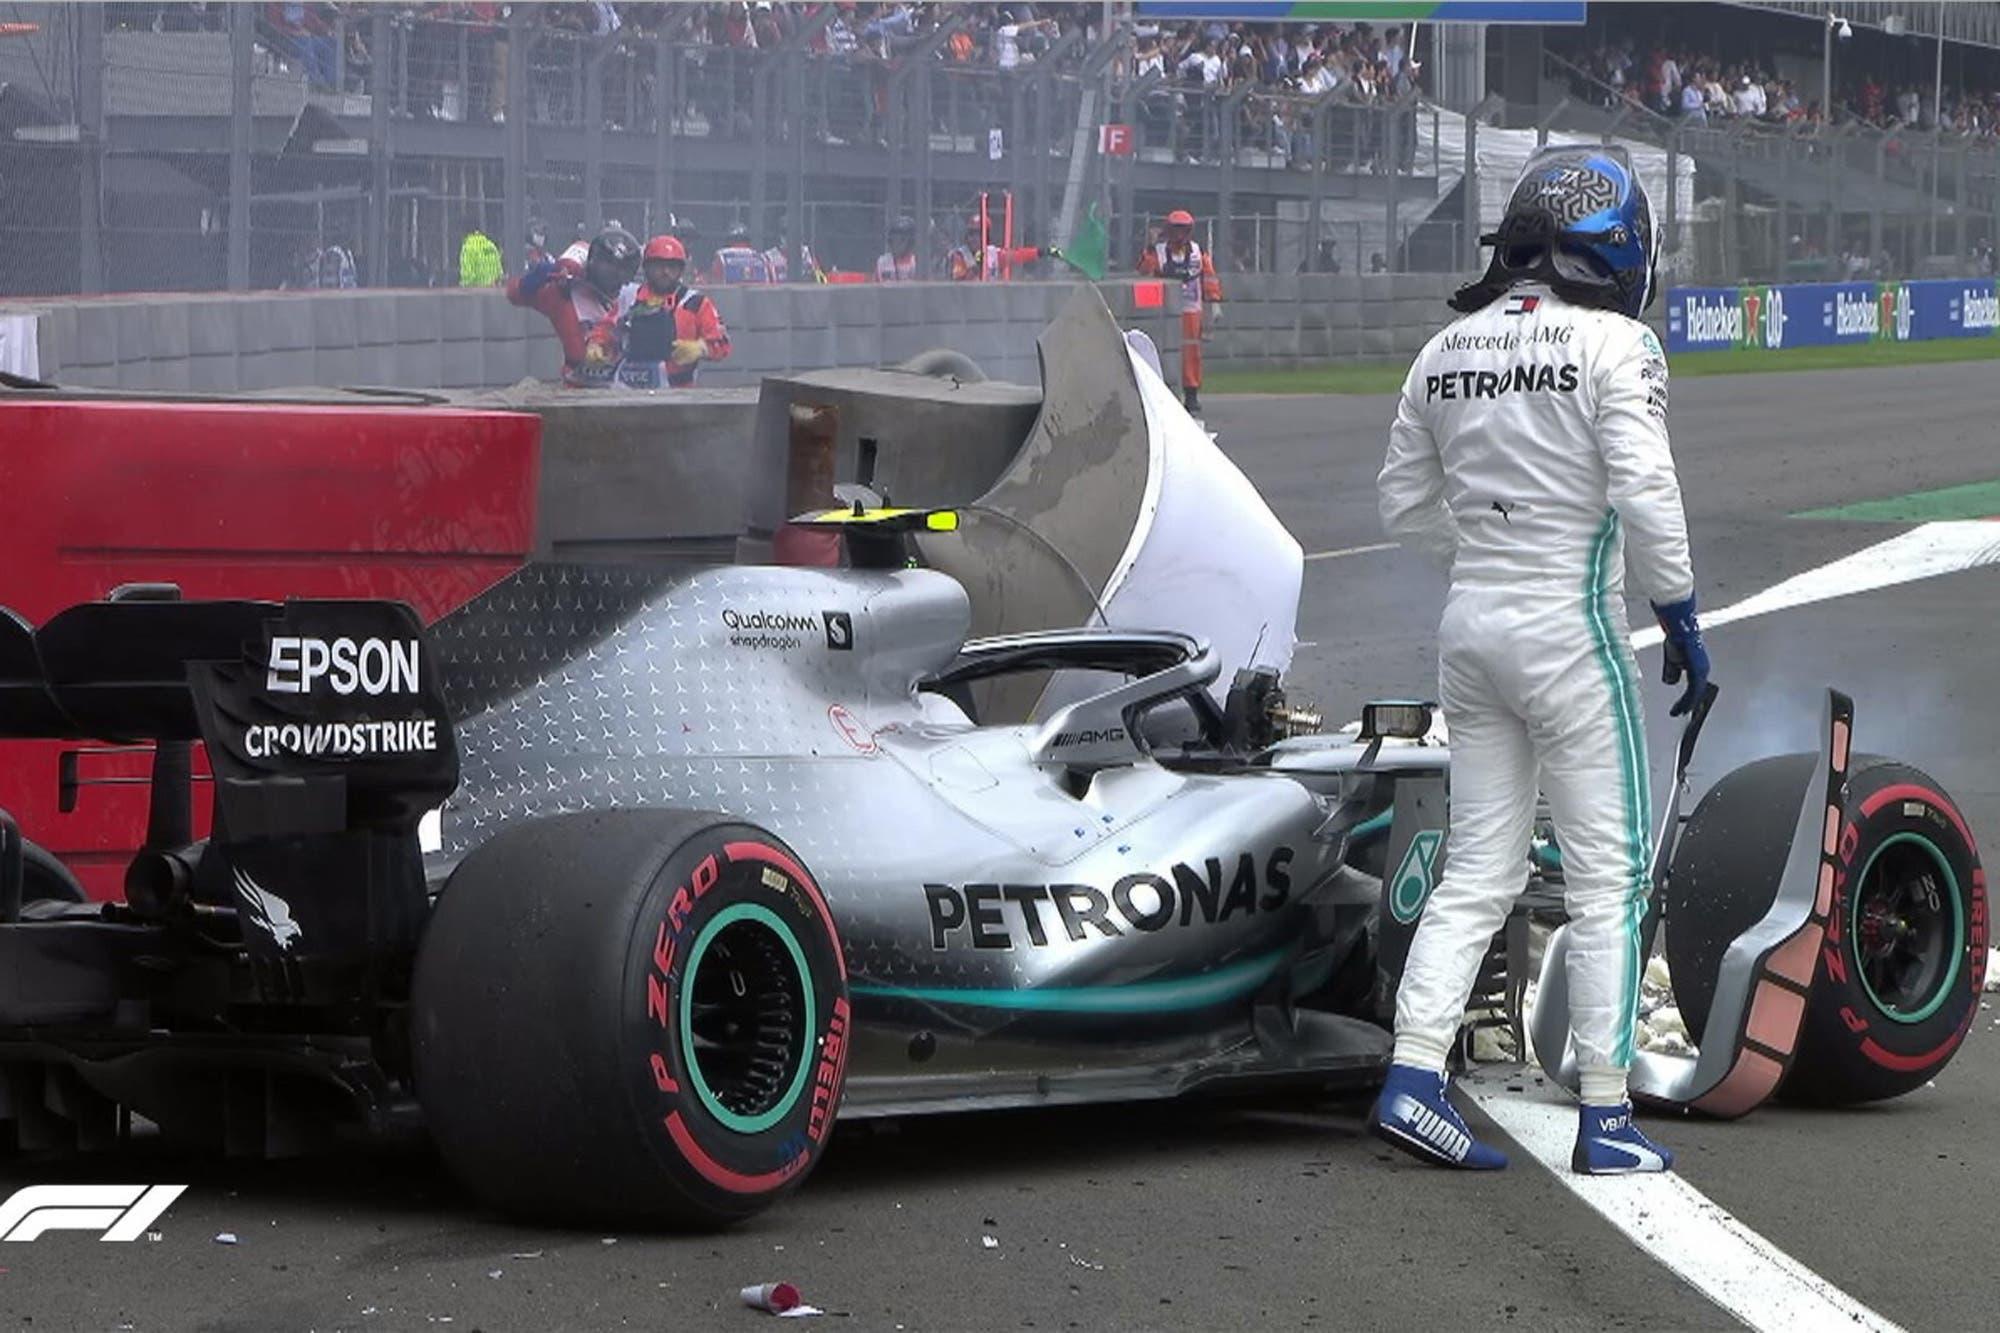 GP de México: el accidente de Valtteri Bottas que derivó en la sanción para Verstappen